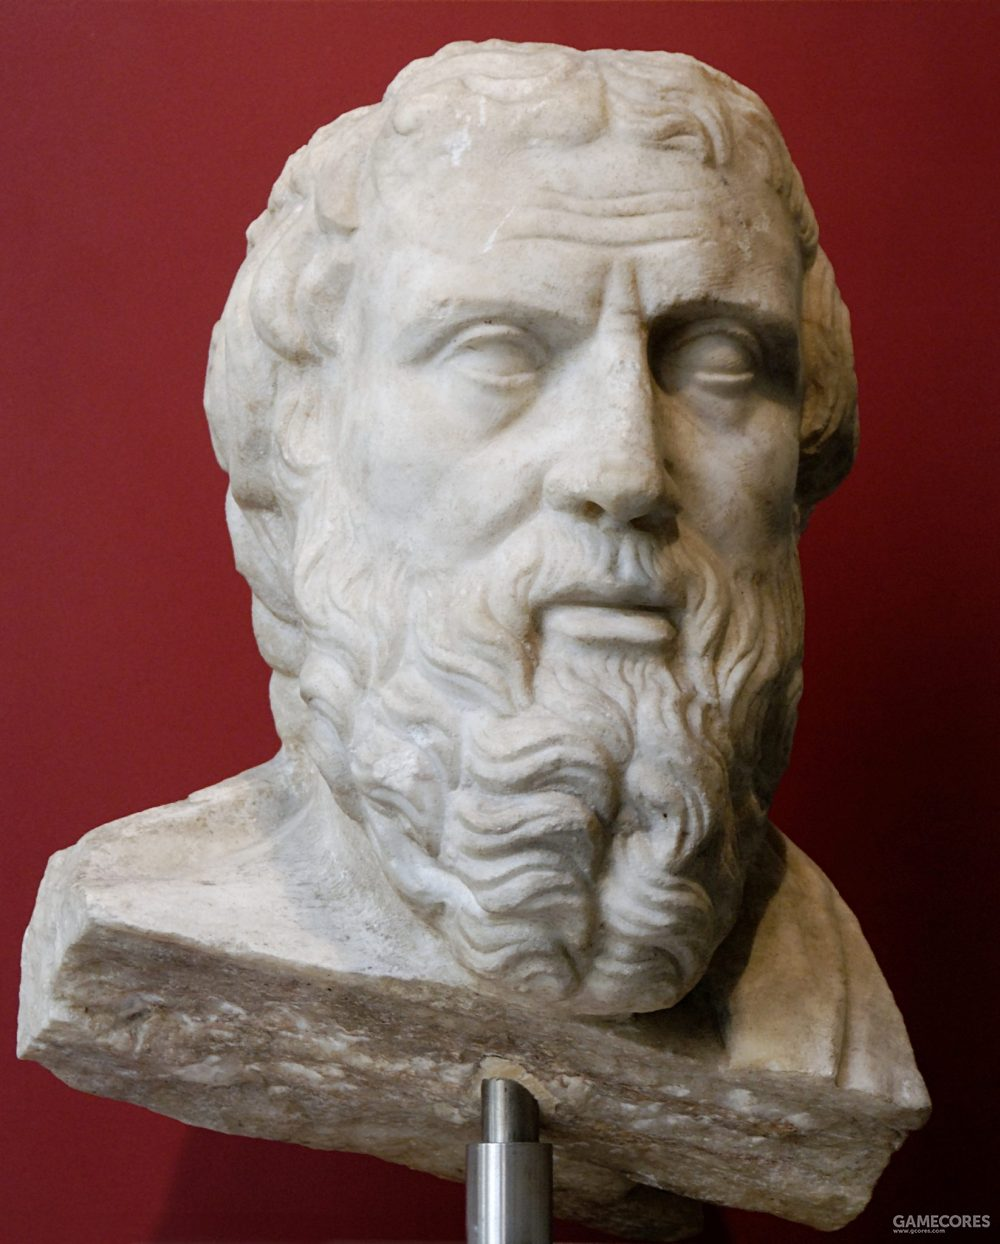 不过历史上,希罗多德就多次将波斯人和野蛮人等同描写。当然,如果希罗多德活在21世纪,他大概会成为一个公众号经营者而不是一位历史研究者吧。